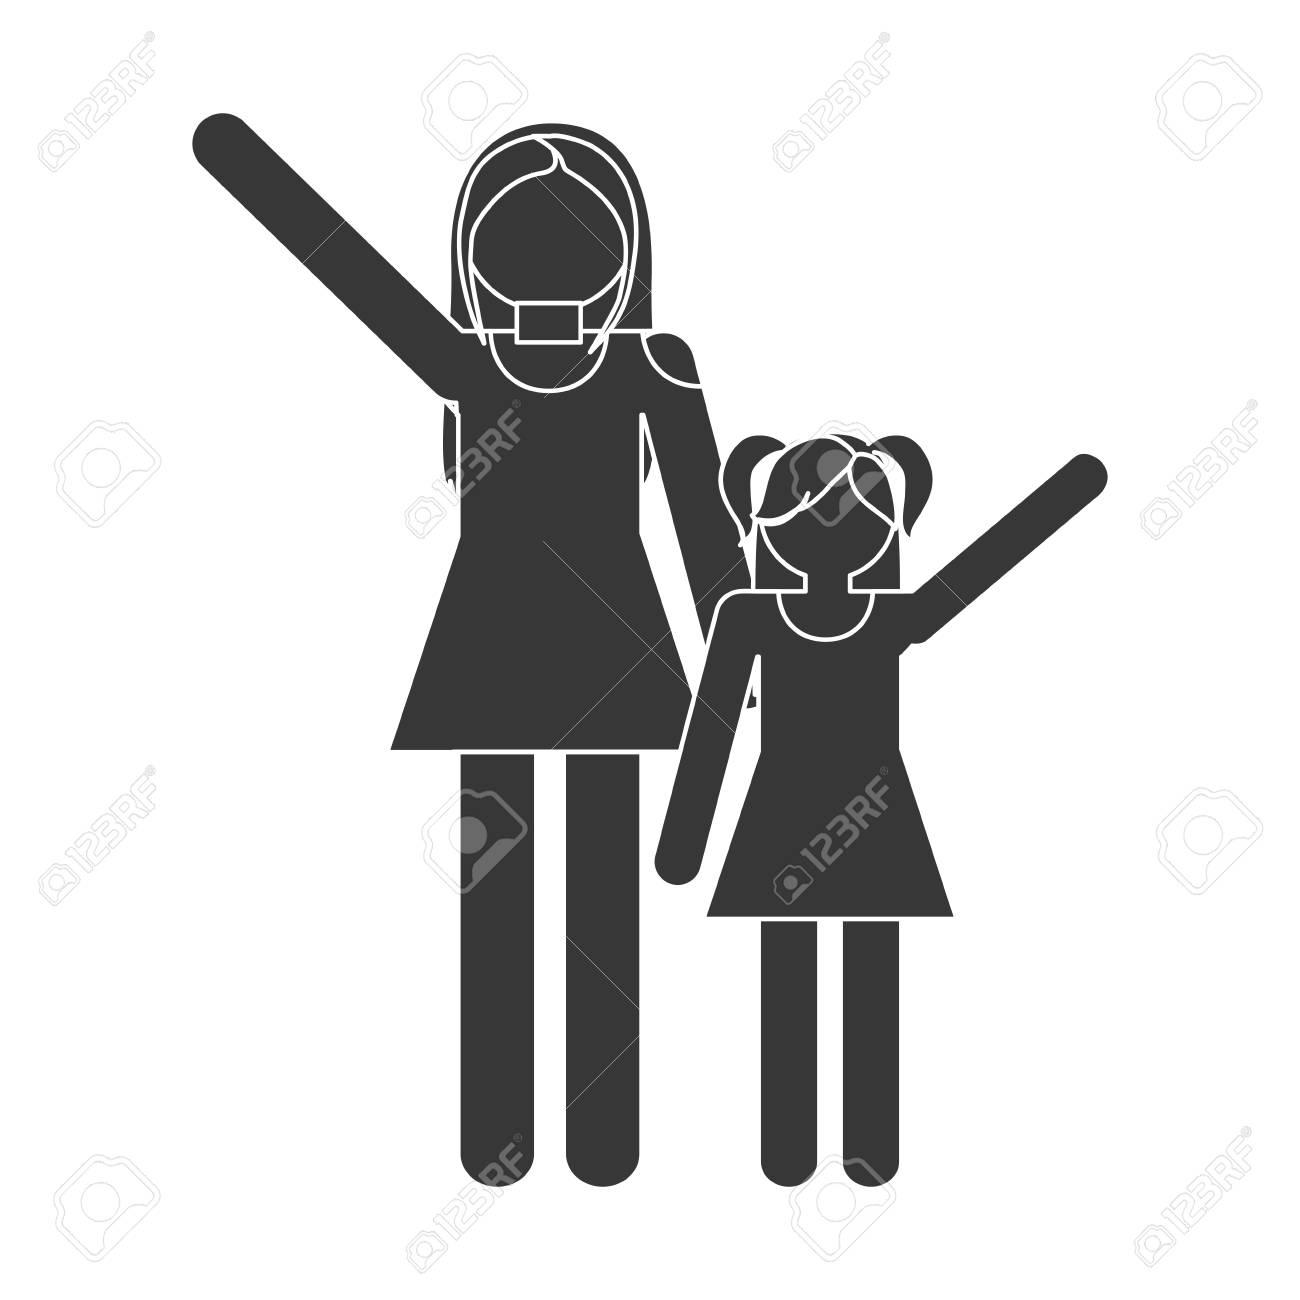 Silueta Familia Madre E Hija Ilustración Vectorial Divertida Eps 10